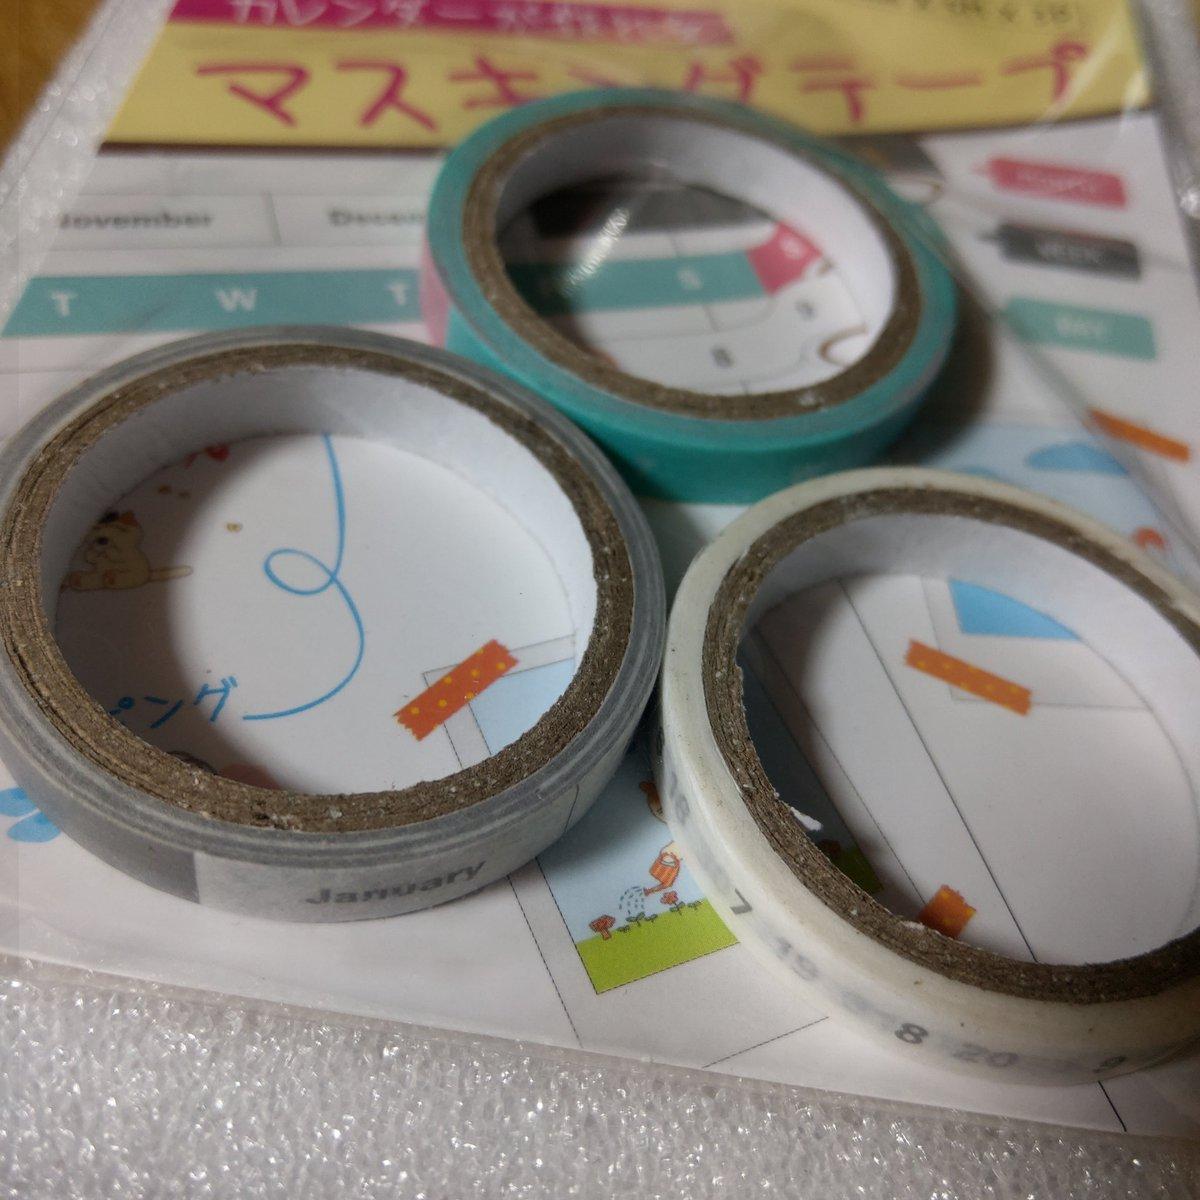 test ツイッターメディア - ダイソーでカレンダーマステ売ってた!! 月・日・曜日全部ついててありがたいー! #ダイソー #マスキングテープ https://t.co/r9Ll9VuLBa